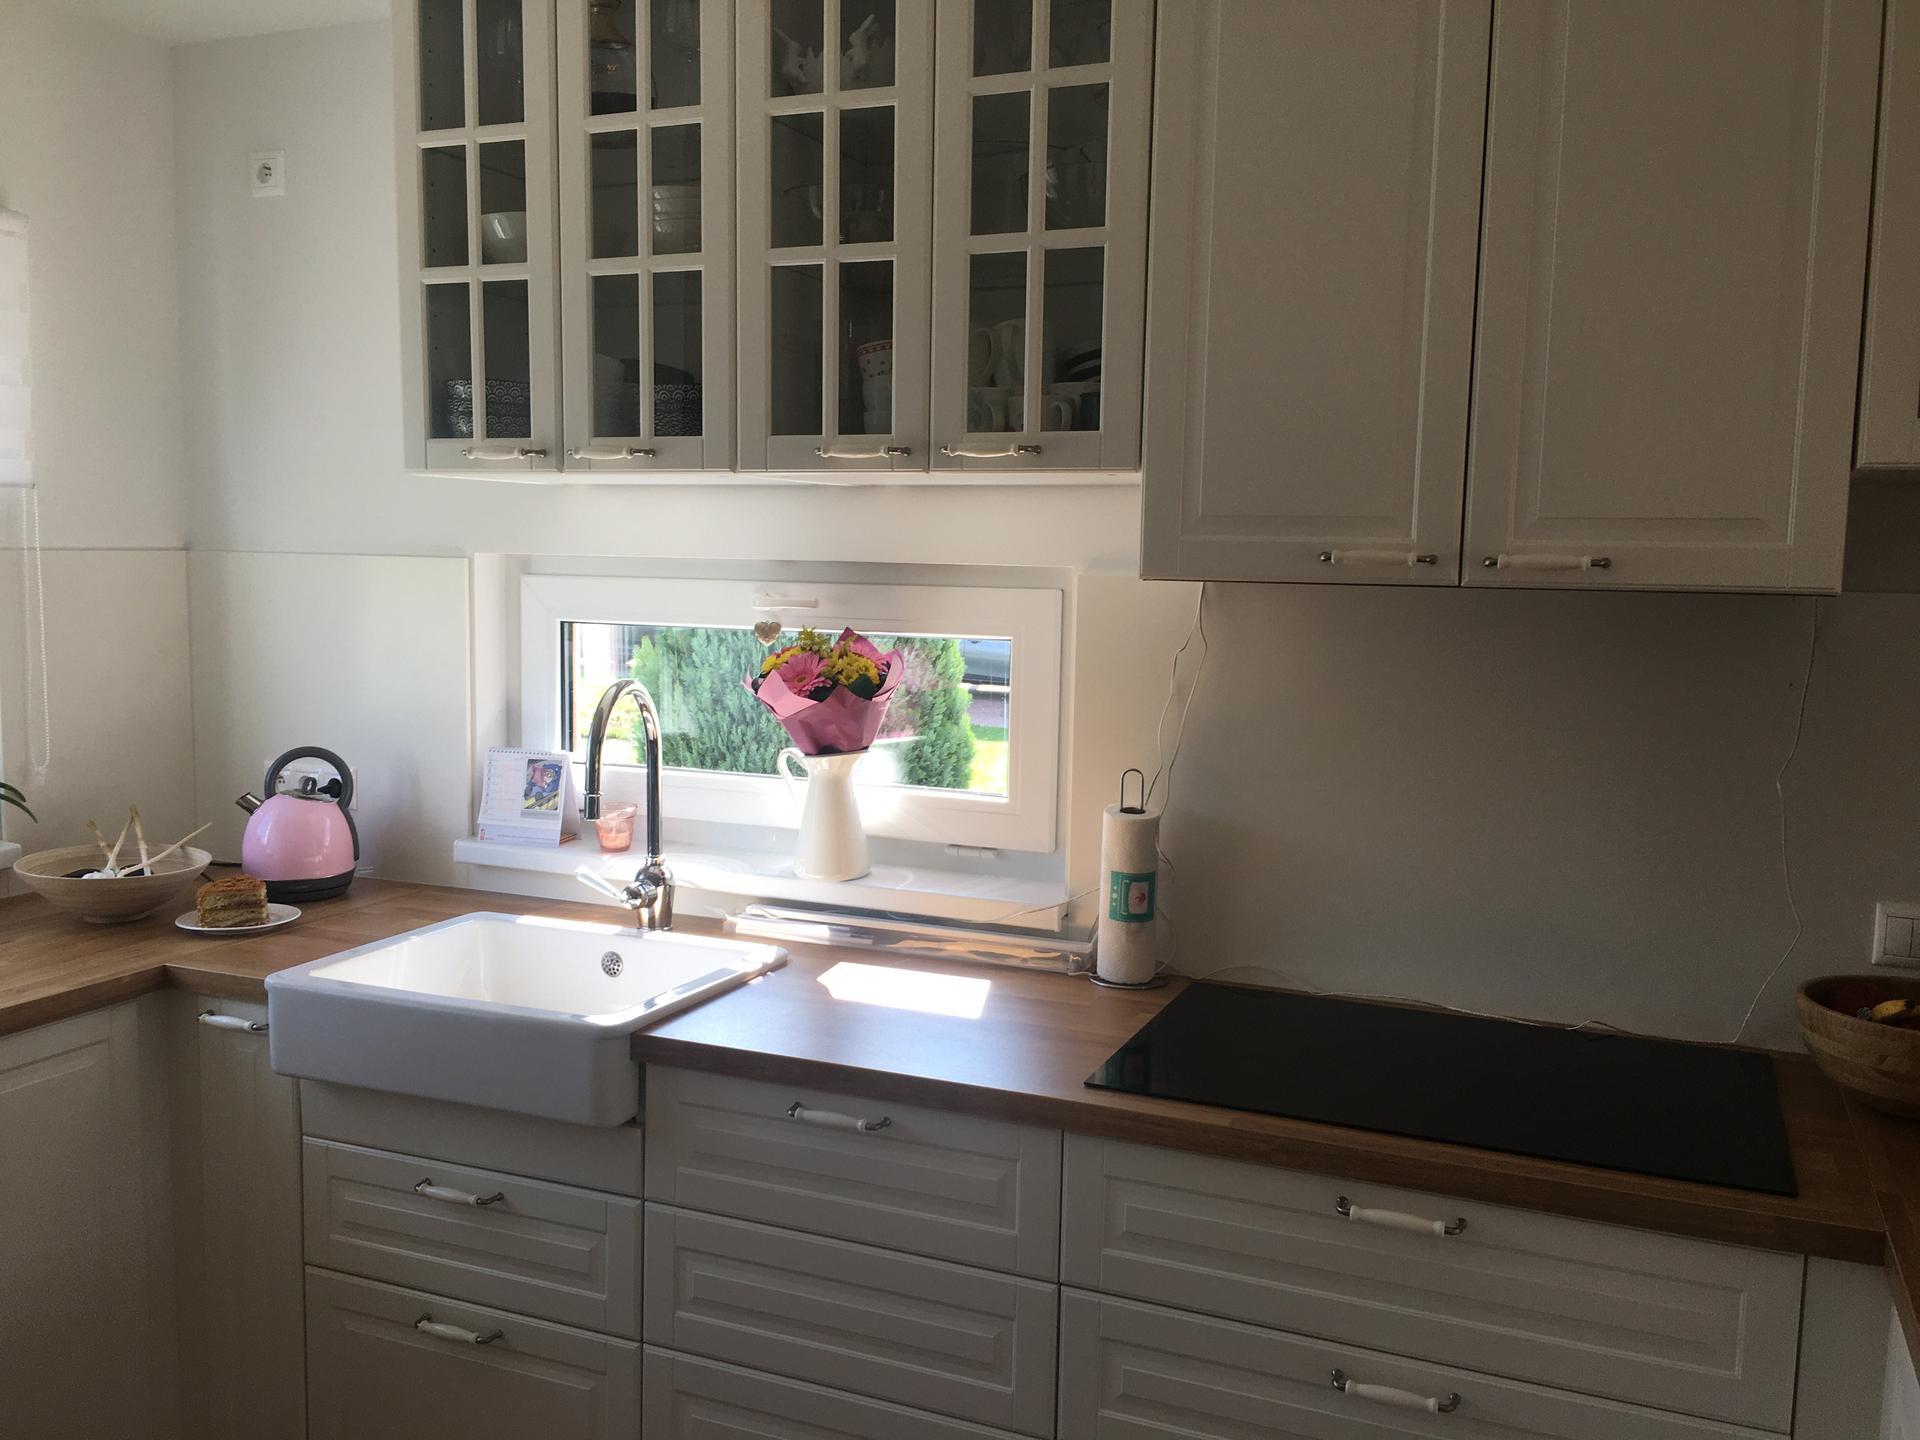 Naše kuchyň 2020 - Obrázek č. 2